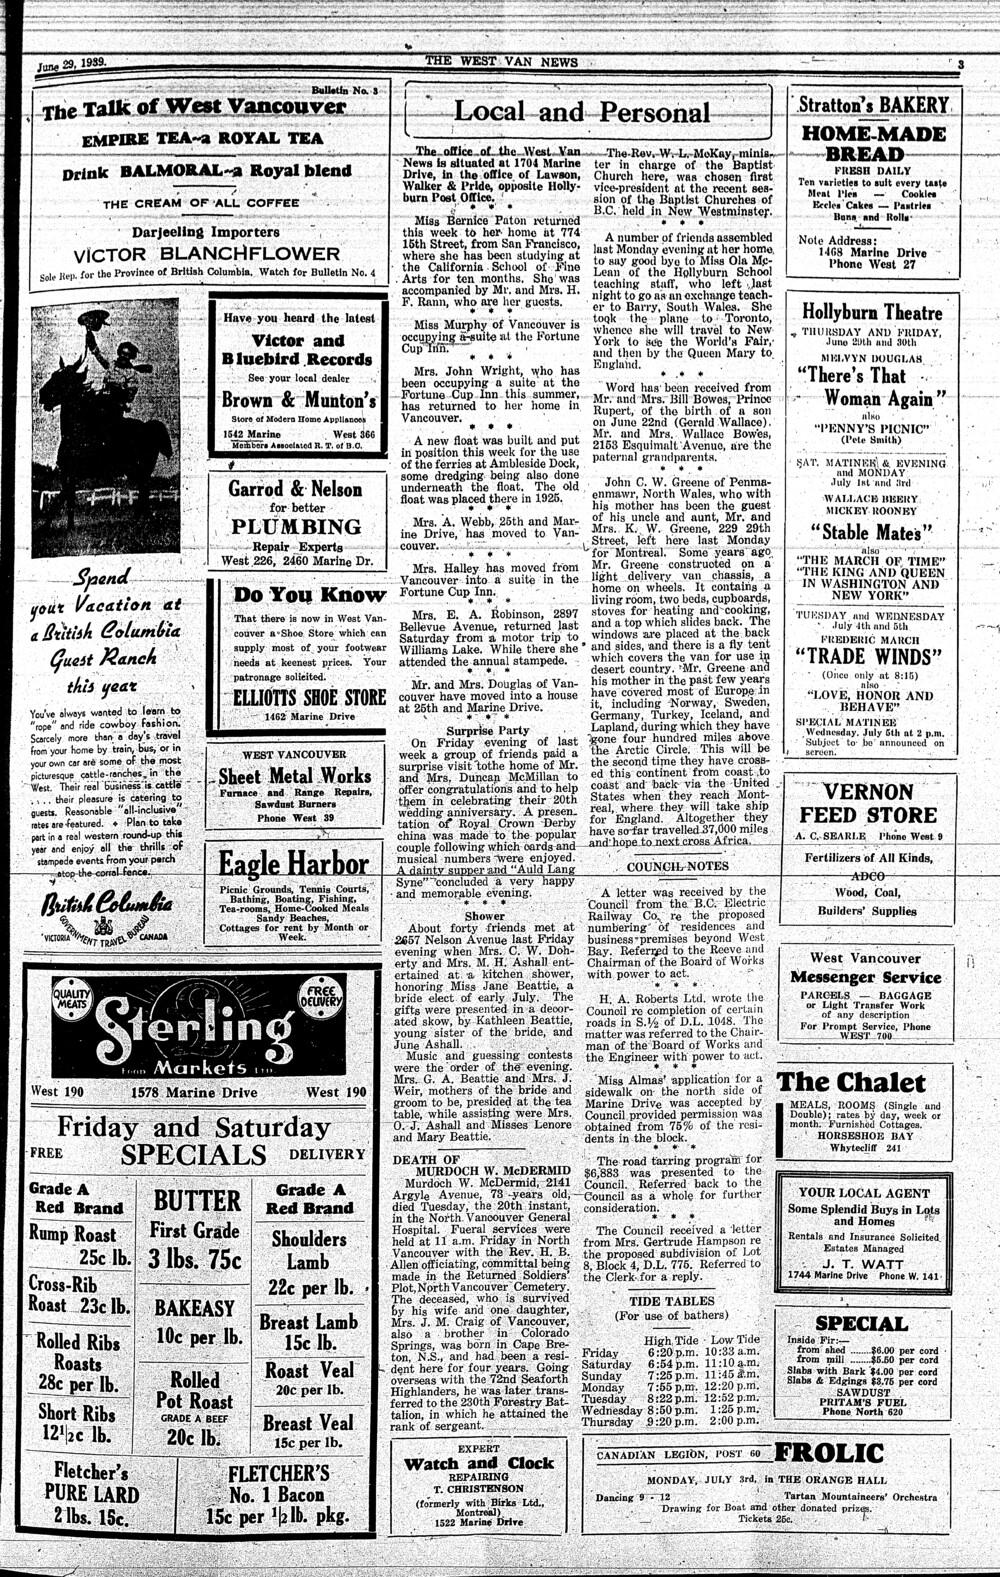 West Van. News (West Vancouver), 29 Jun 1939